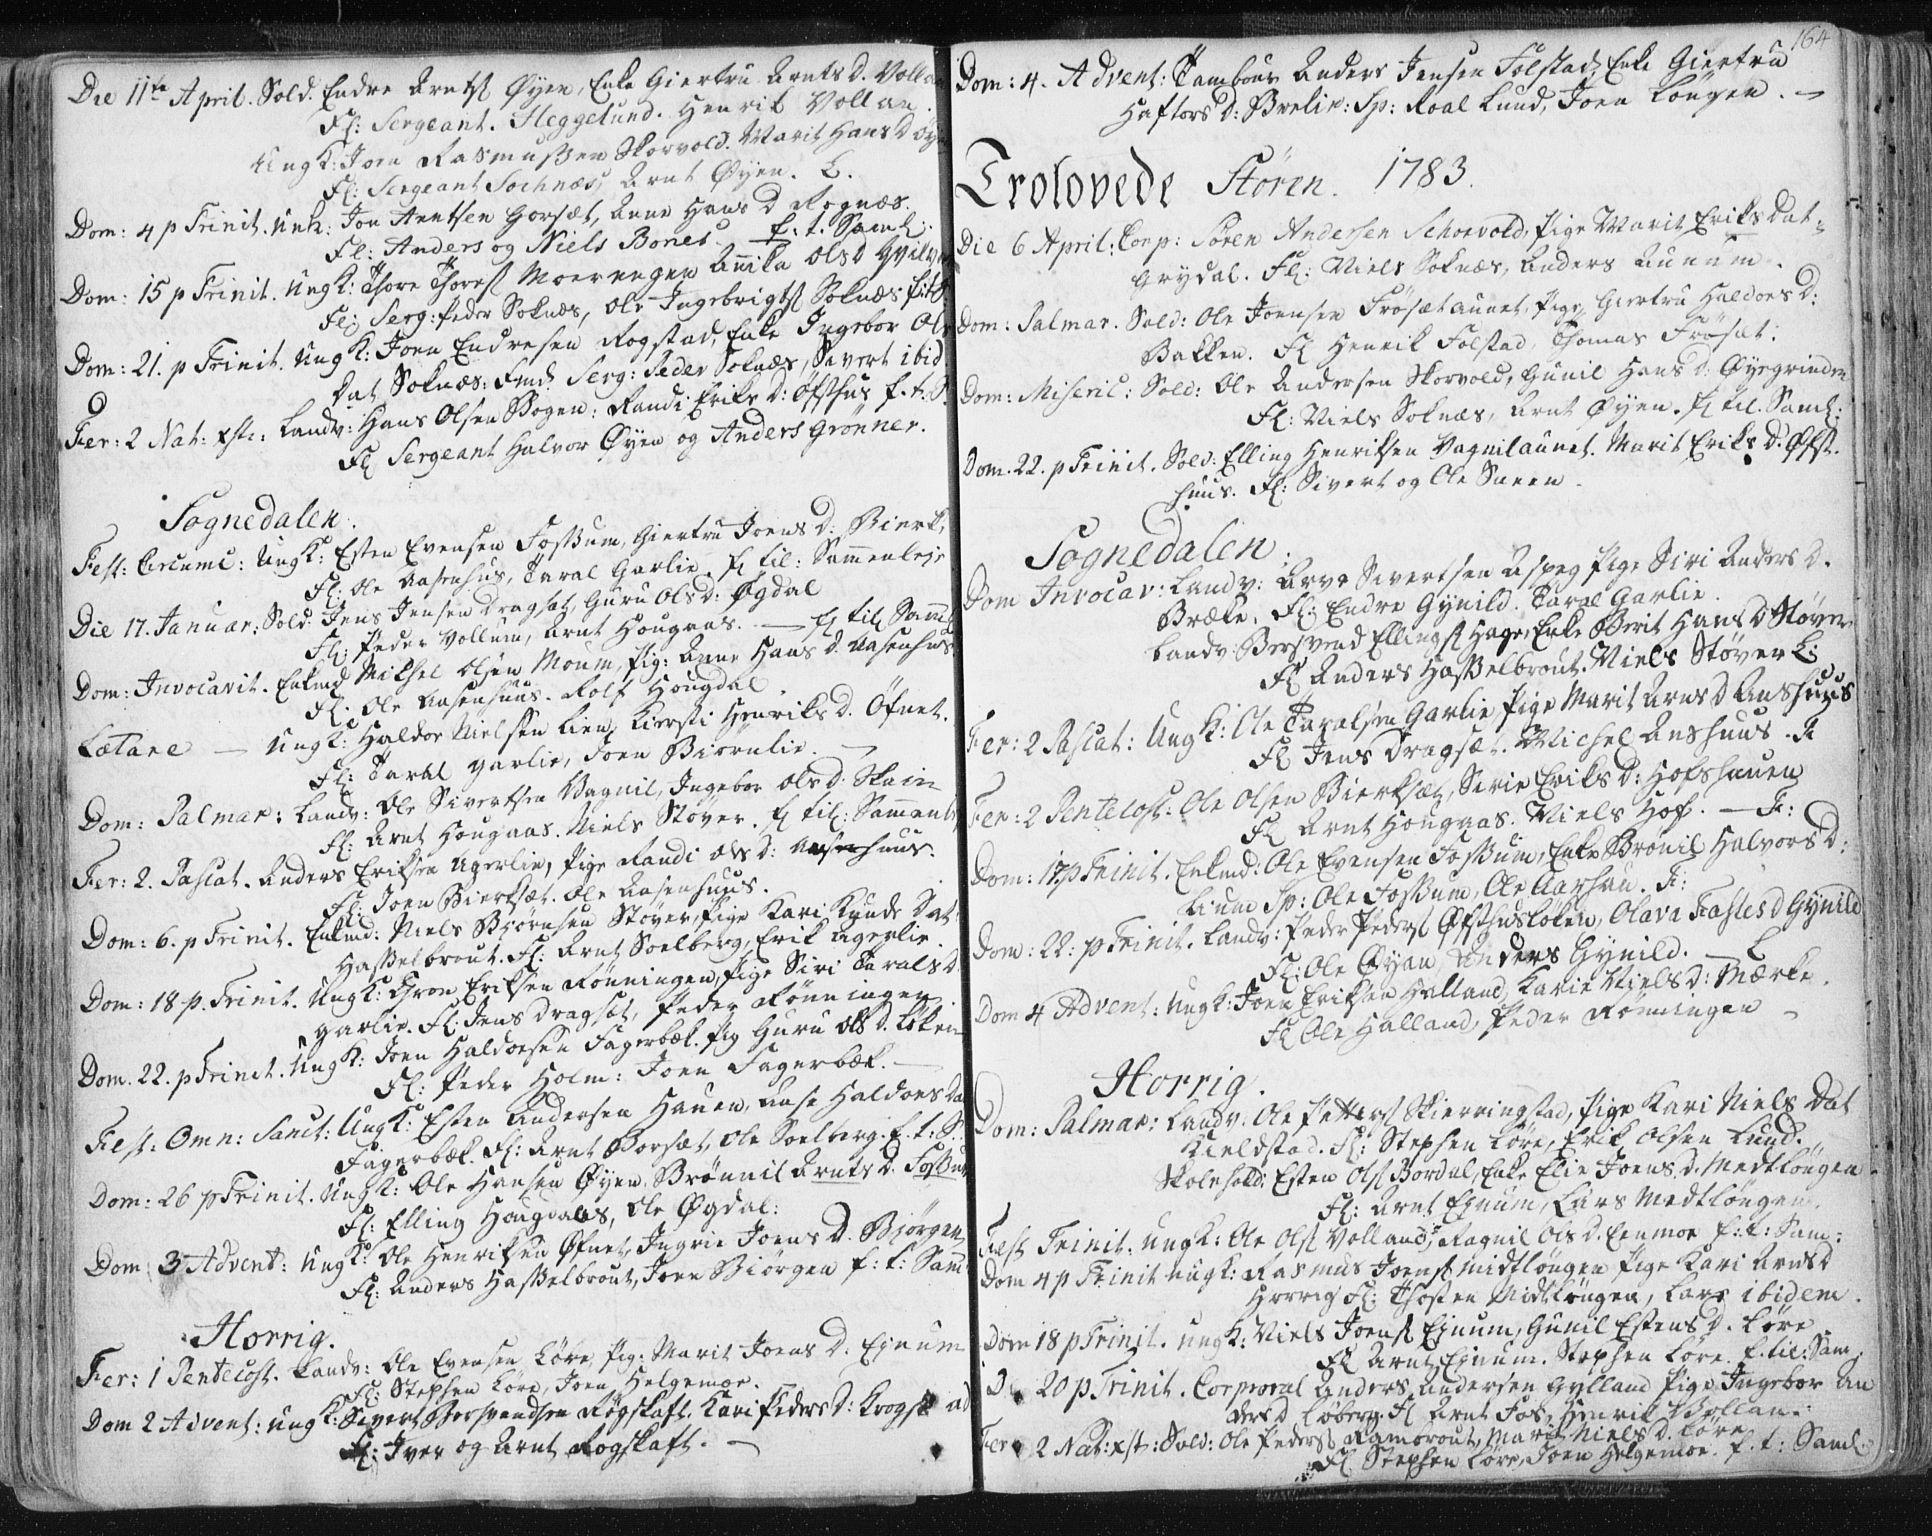 SAT, Ministerialprotokoller, klokkerbøker og fødselsregistre - Sør-Trøndelag, 687/L0991: Ministerialbok nr. 687A02, 1747-1790, s. 164